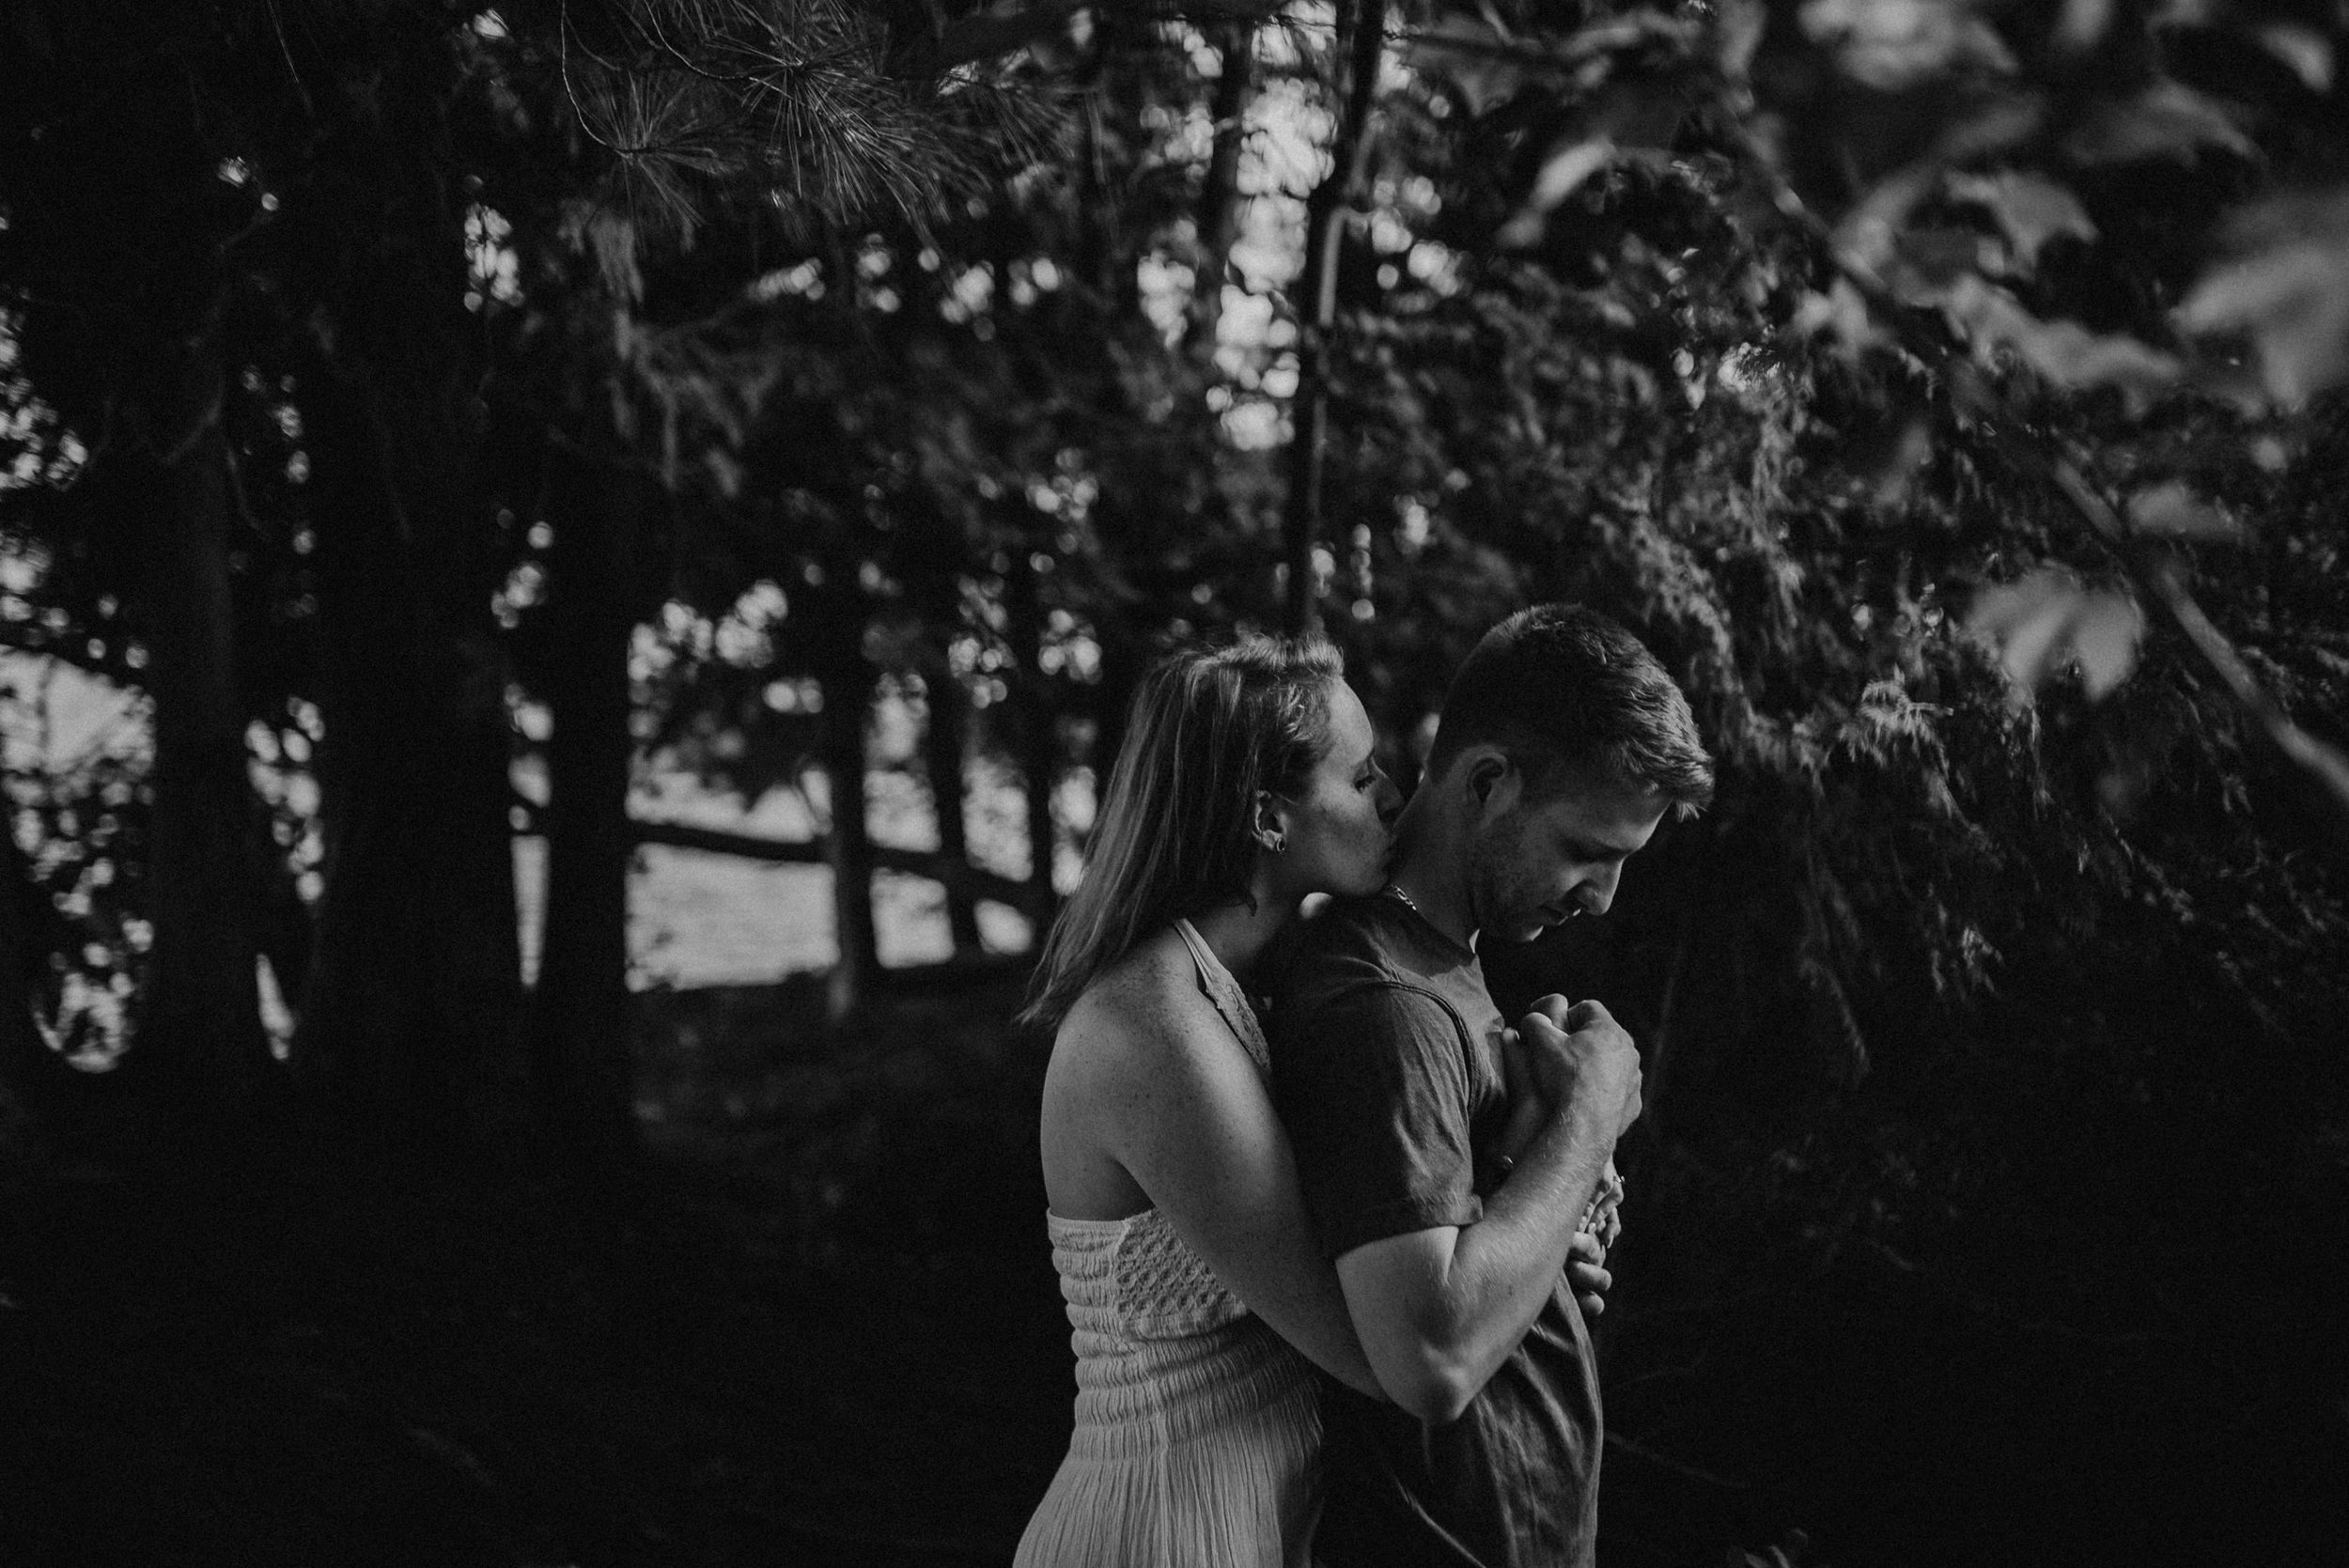 moody toronto wedding photography